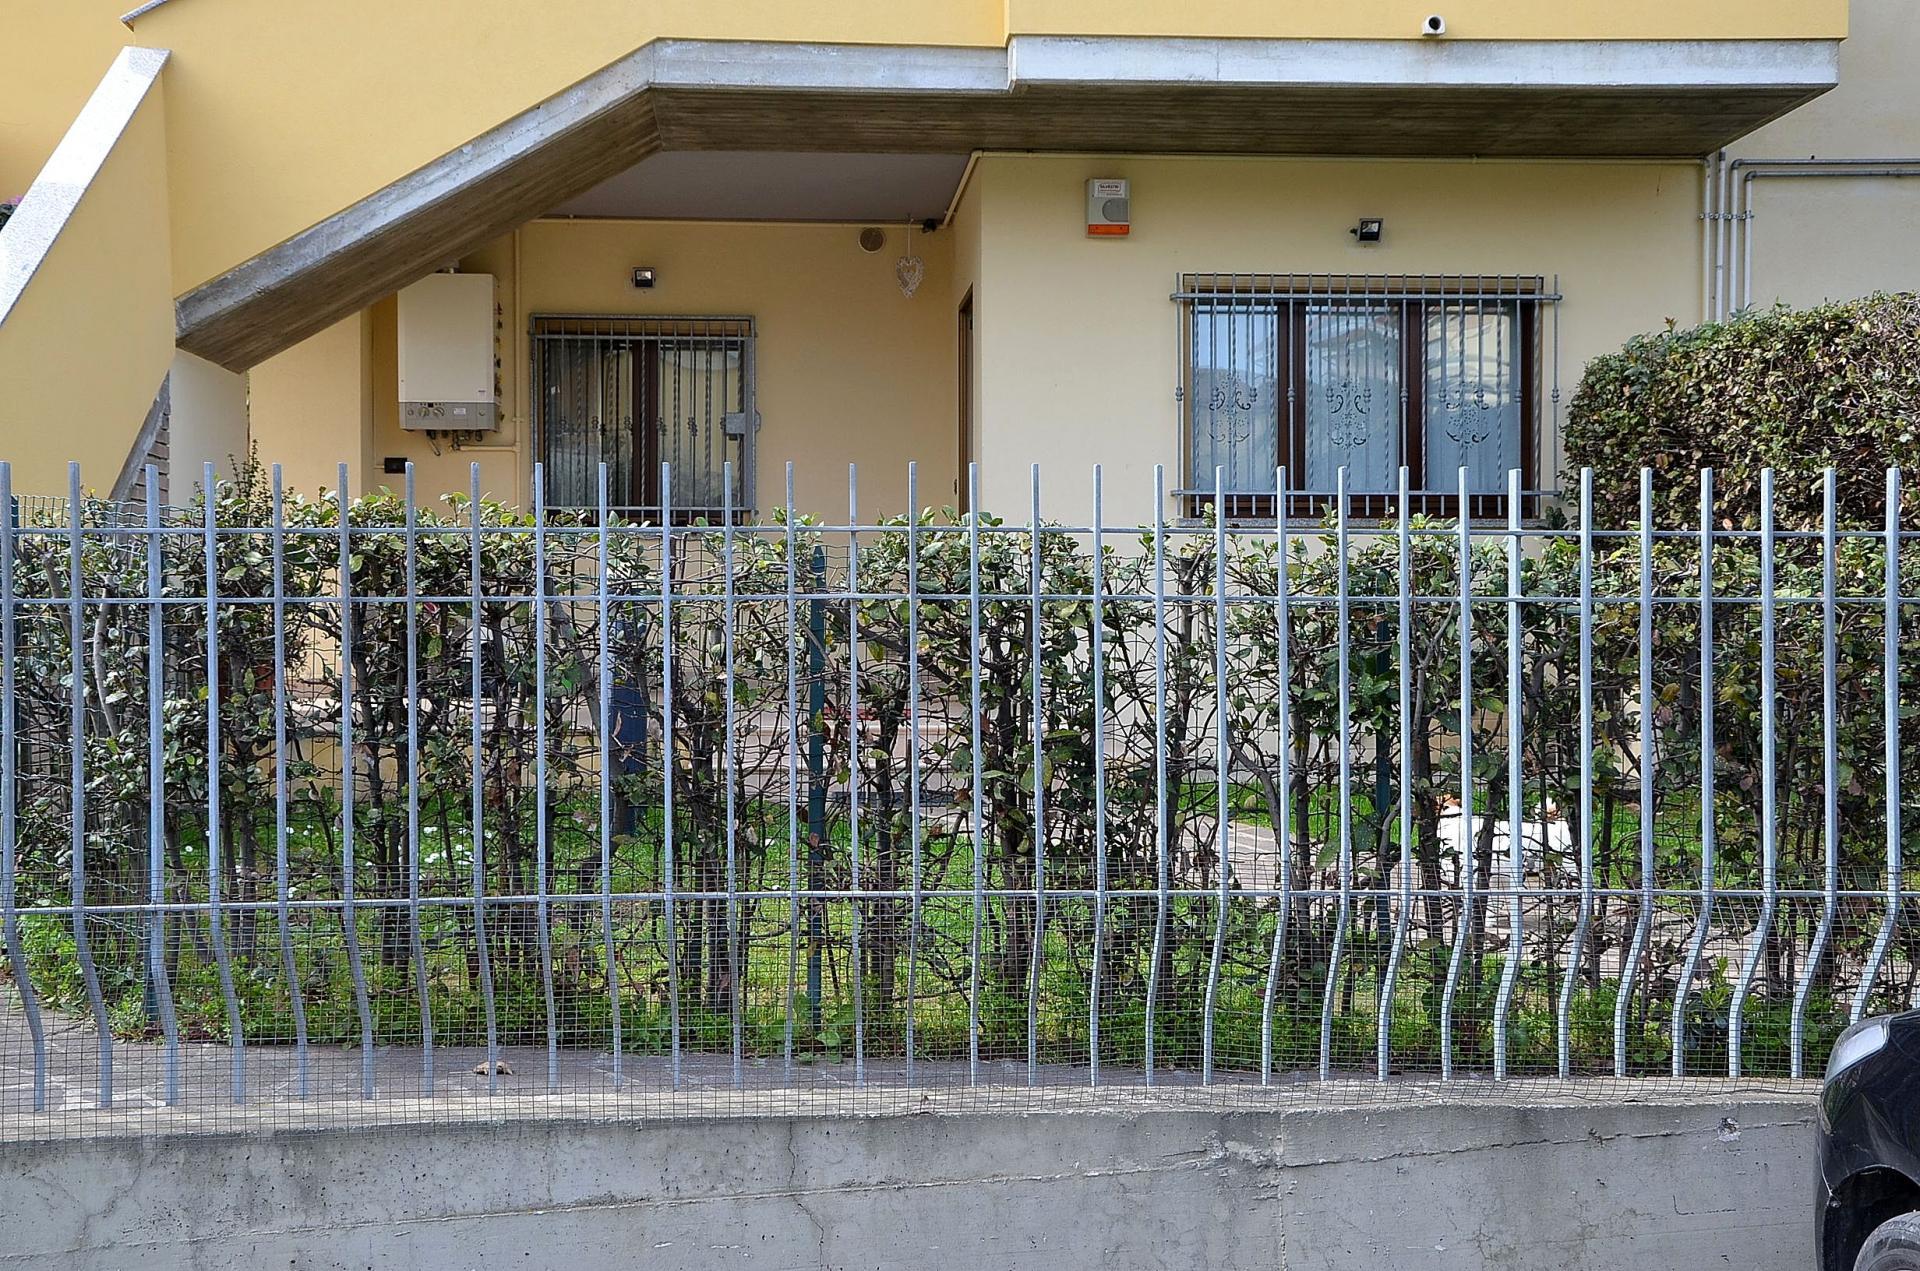 Appartamento in vendita a Città Sant'Angelo, 4 locali, zona Località: FonteUmano, prezzo € 137.000 | Cambio Casa.it